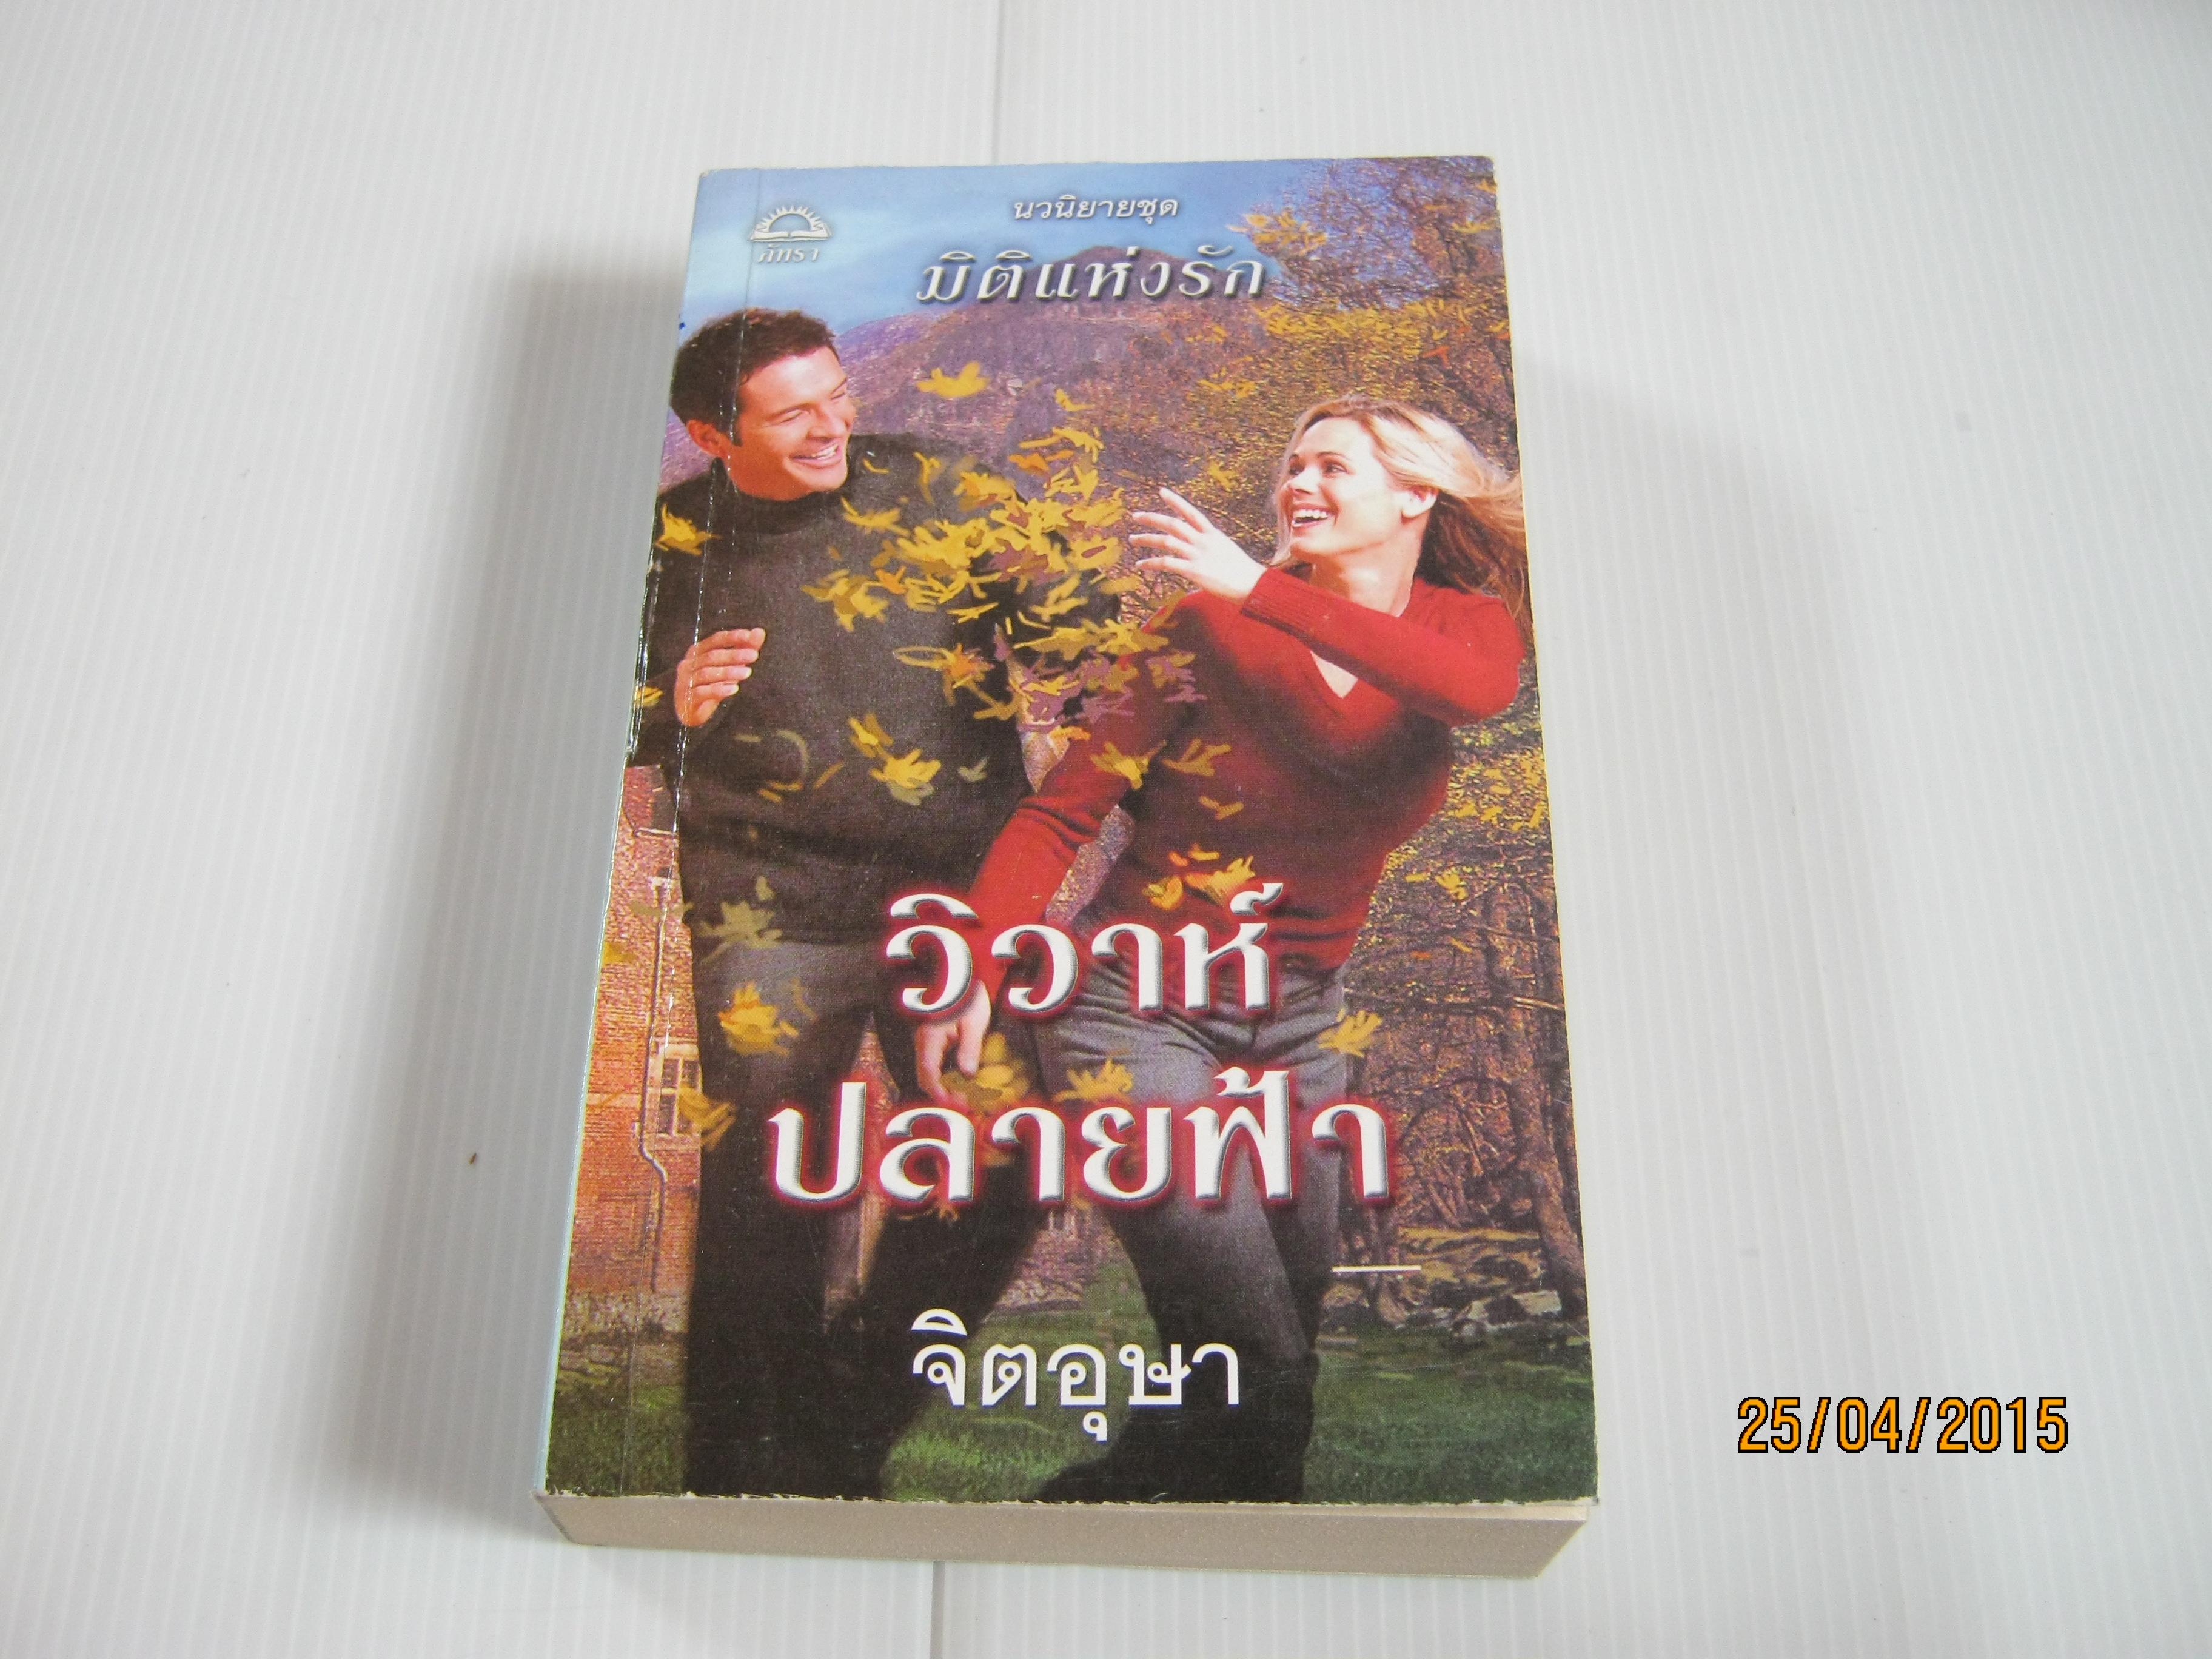 นวนิยายชุด มิติแห่งรัก ตอน วิวาห์ปลายฟ้า เจเน็ต แชปแมน เขียน จิตอุษา แปล